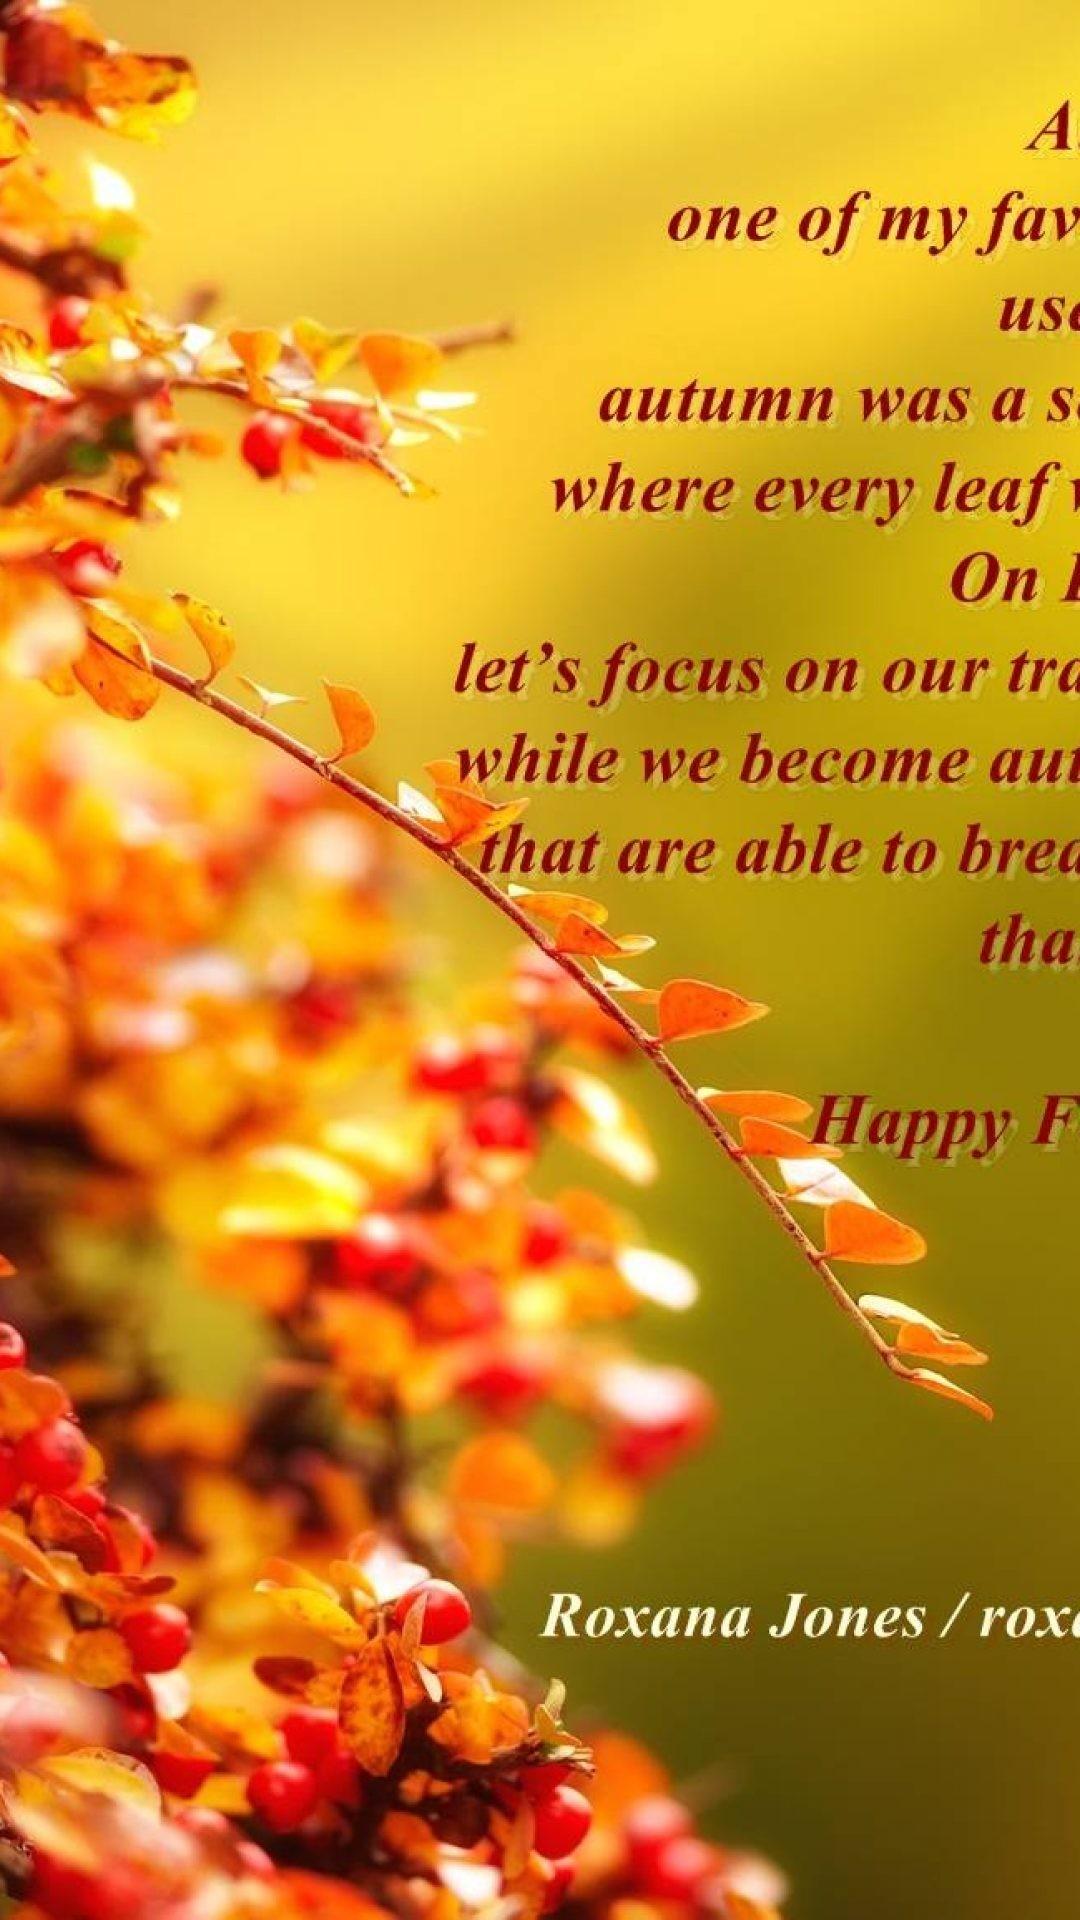 inspirational autumn wallpaper